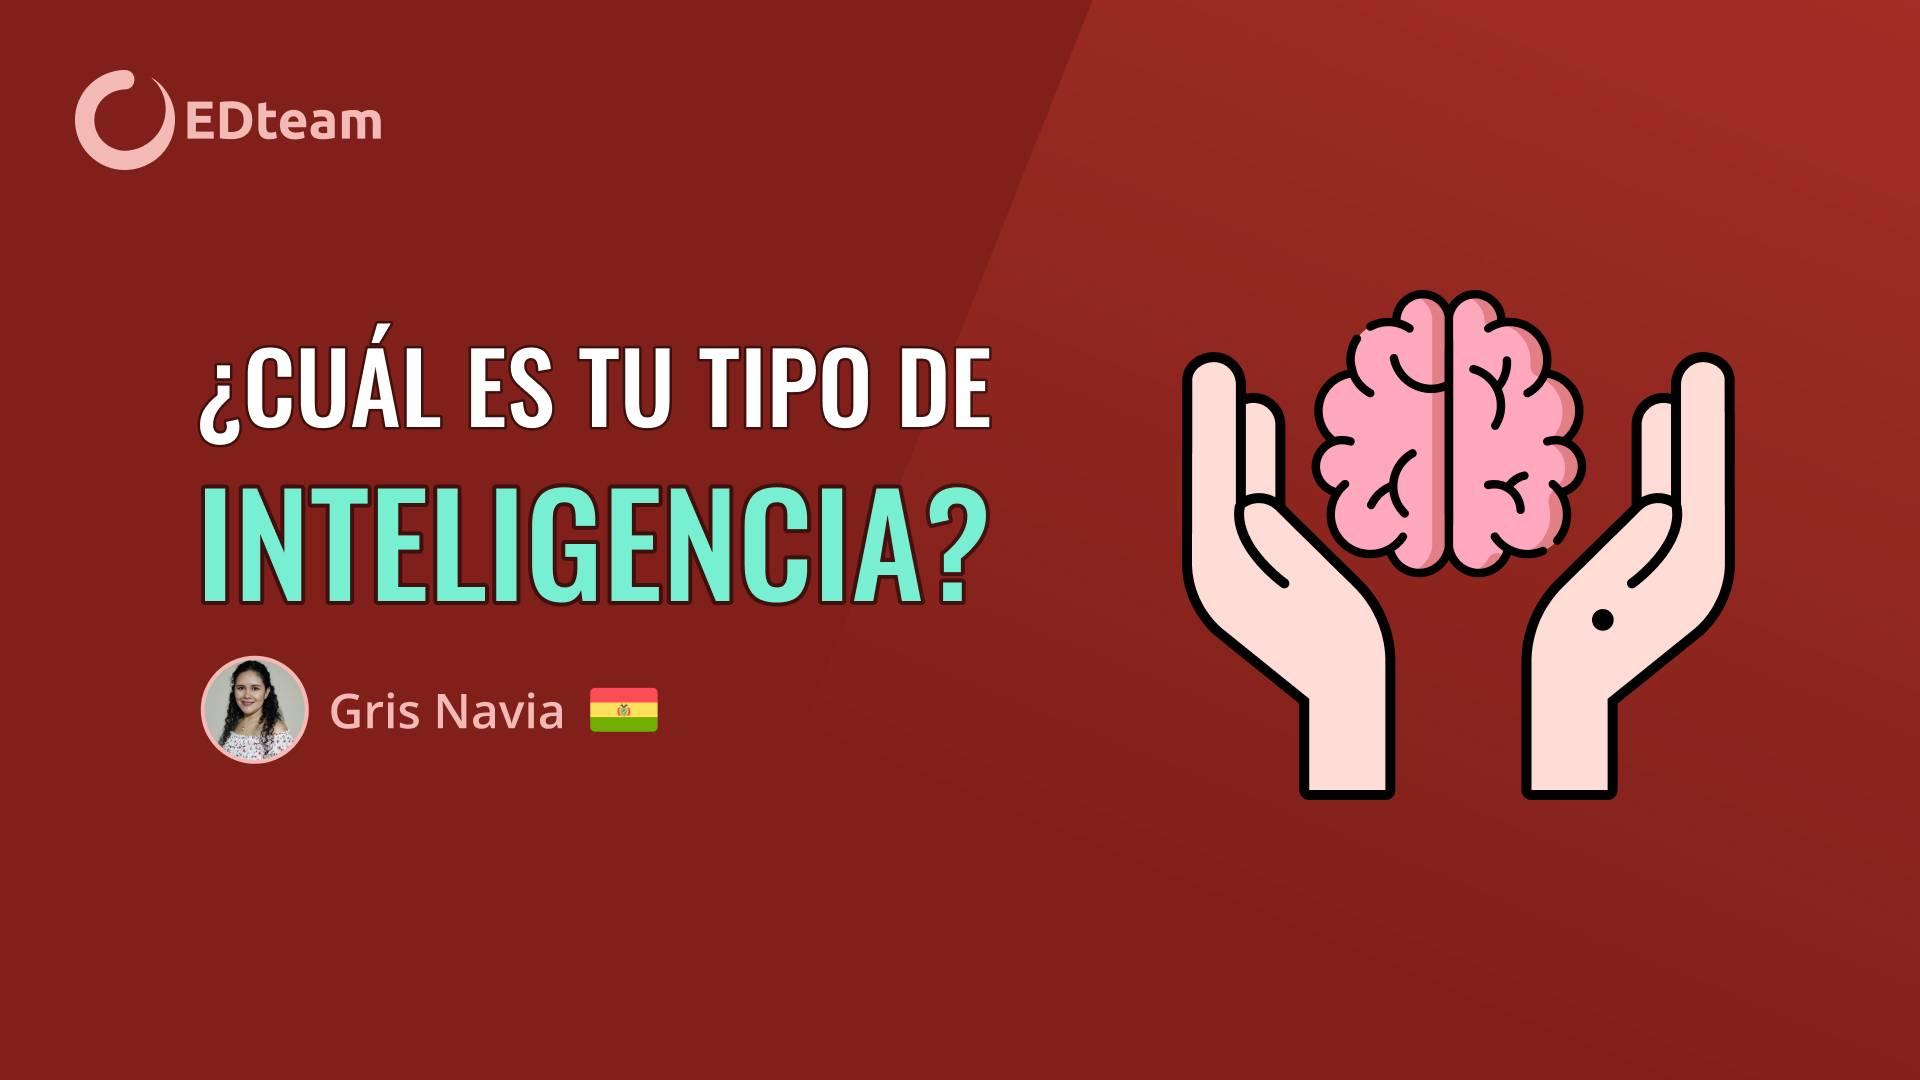 ¿Cuál es tu tipo de inteligencia?